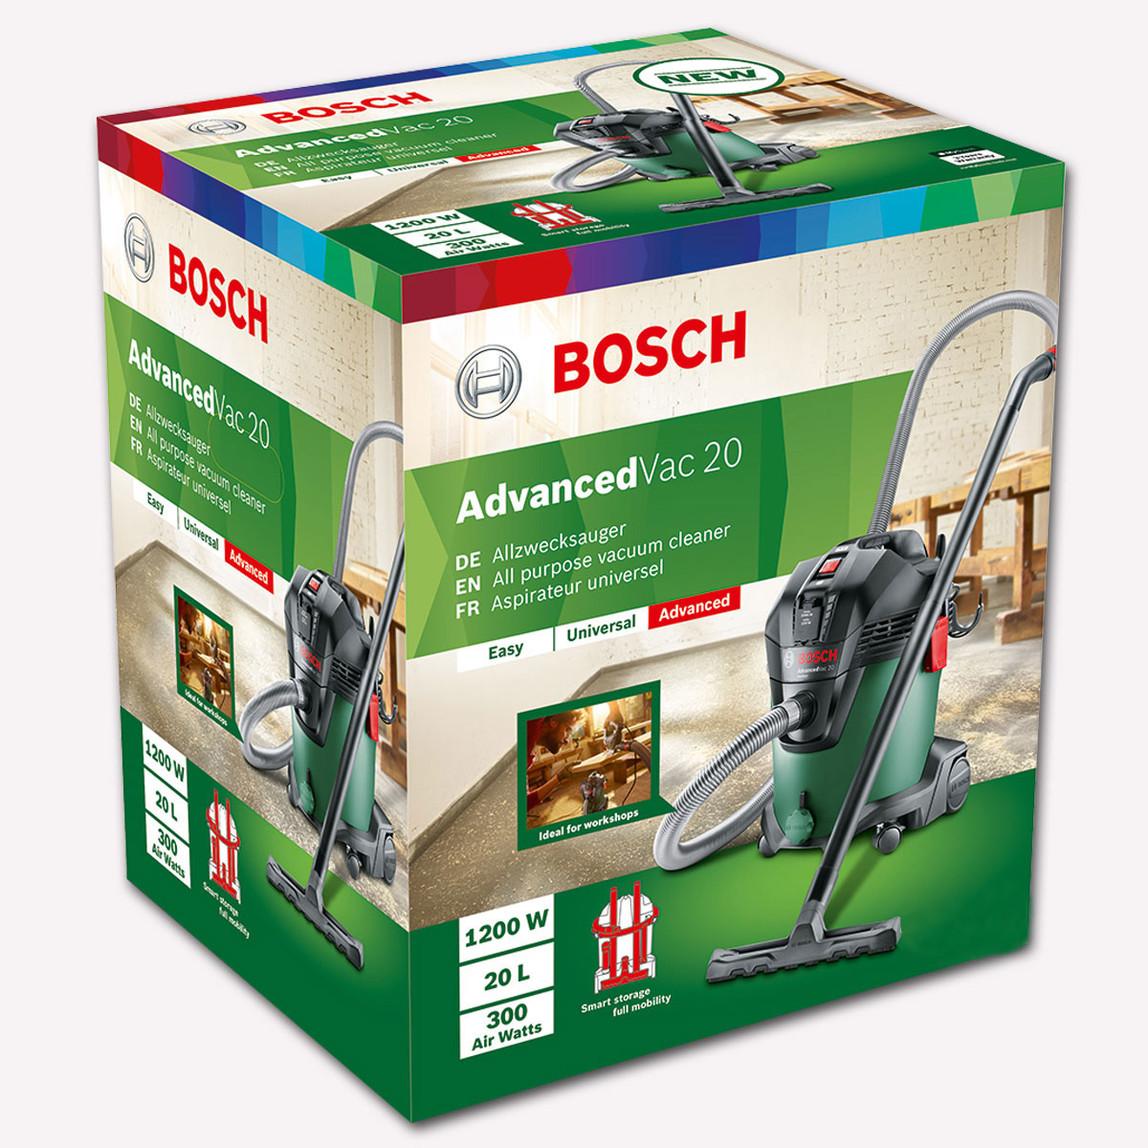 Bosch Advanced Vac 20 1200W Islak Kuru Elektrikli Süpürge